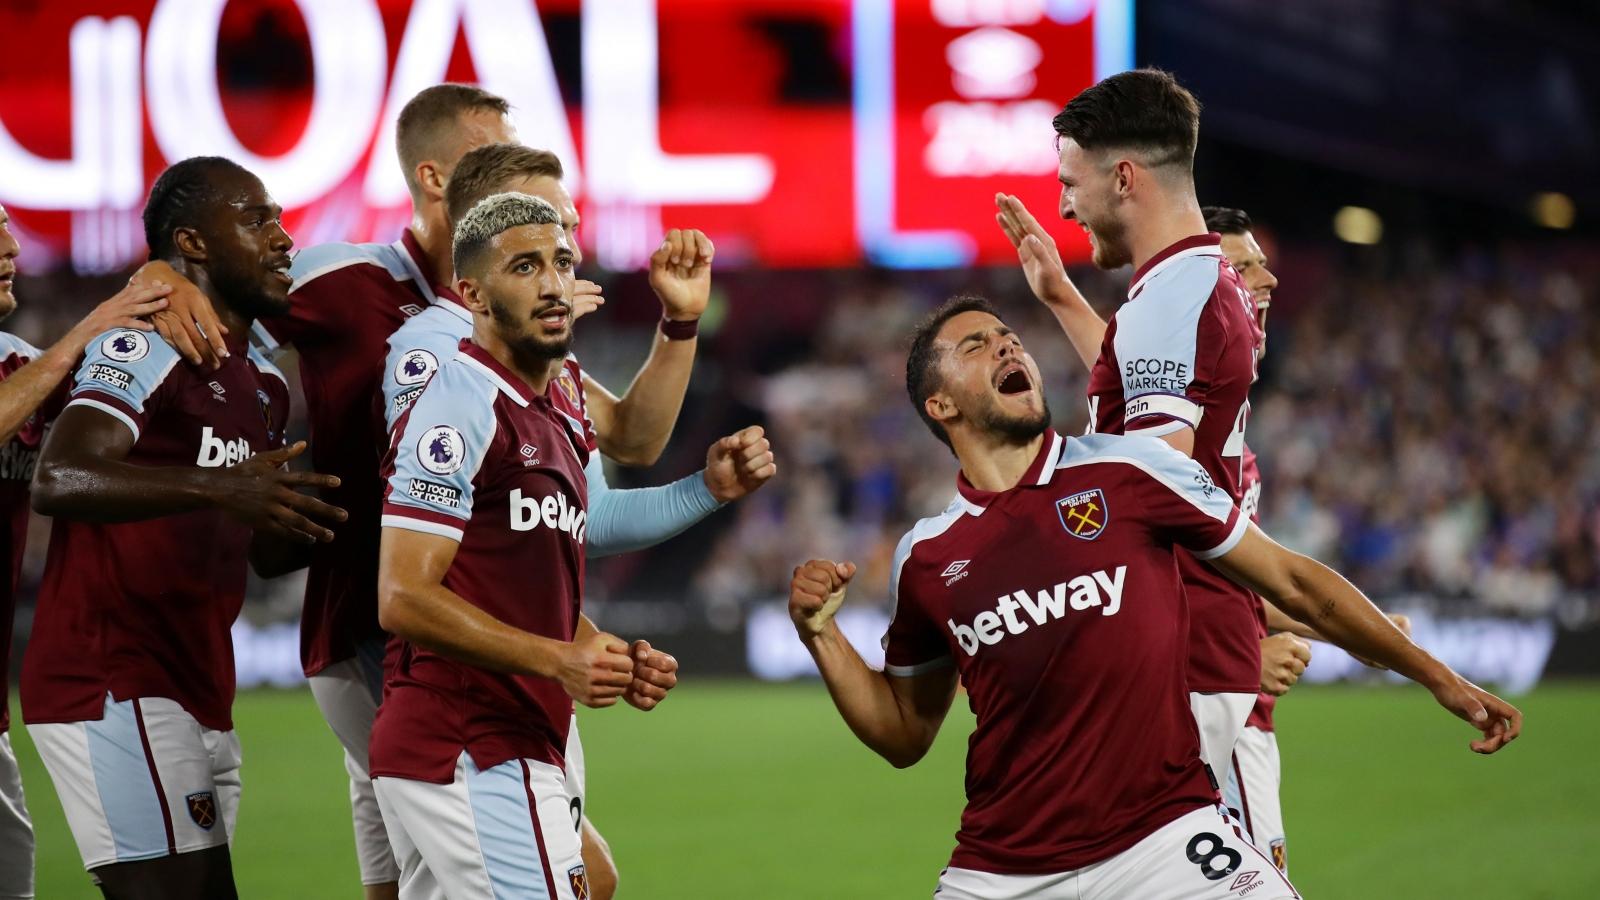 Đại thắng Leicester, West Ham lên ngôi đầu Ngoại hạng Anh